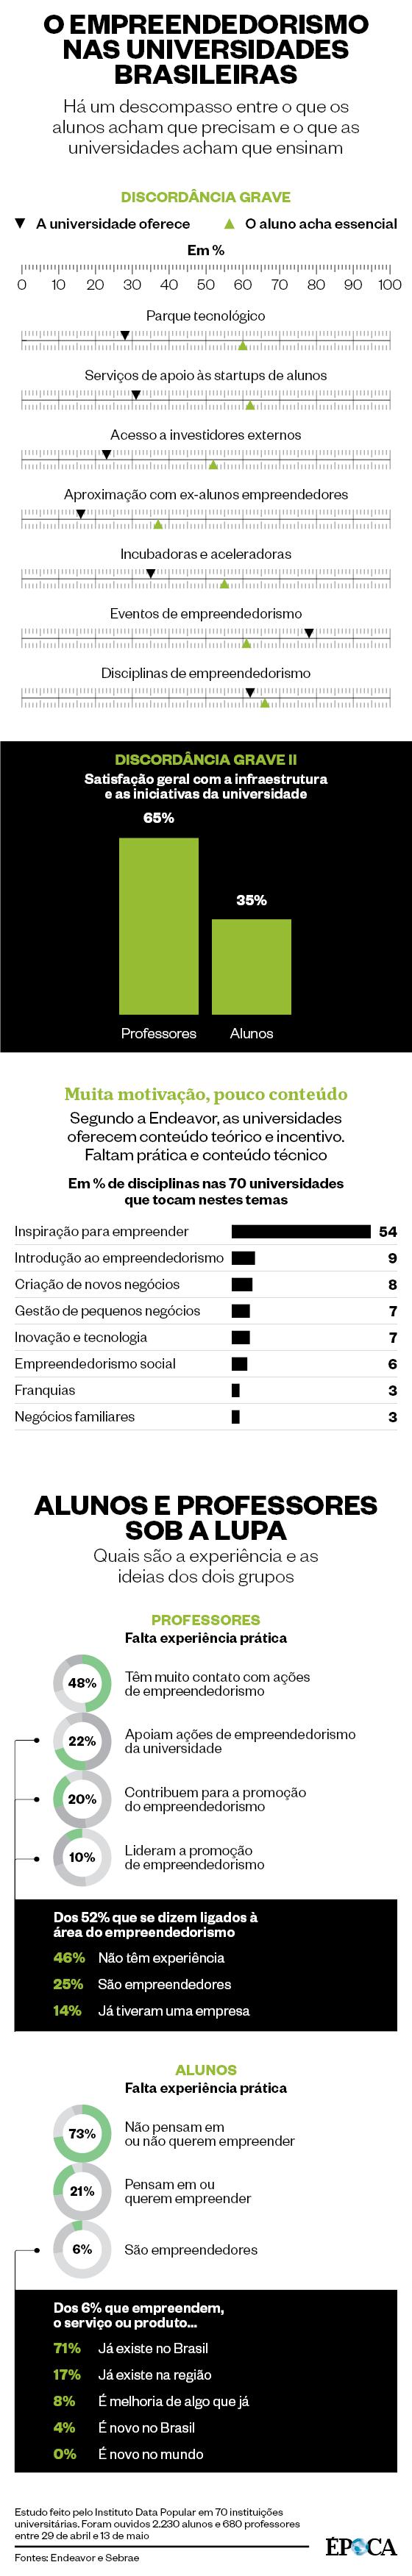 O empreendedorismo nas universidades brasileiras (Foto: Época )